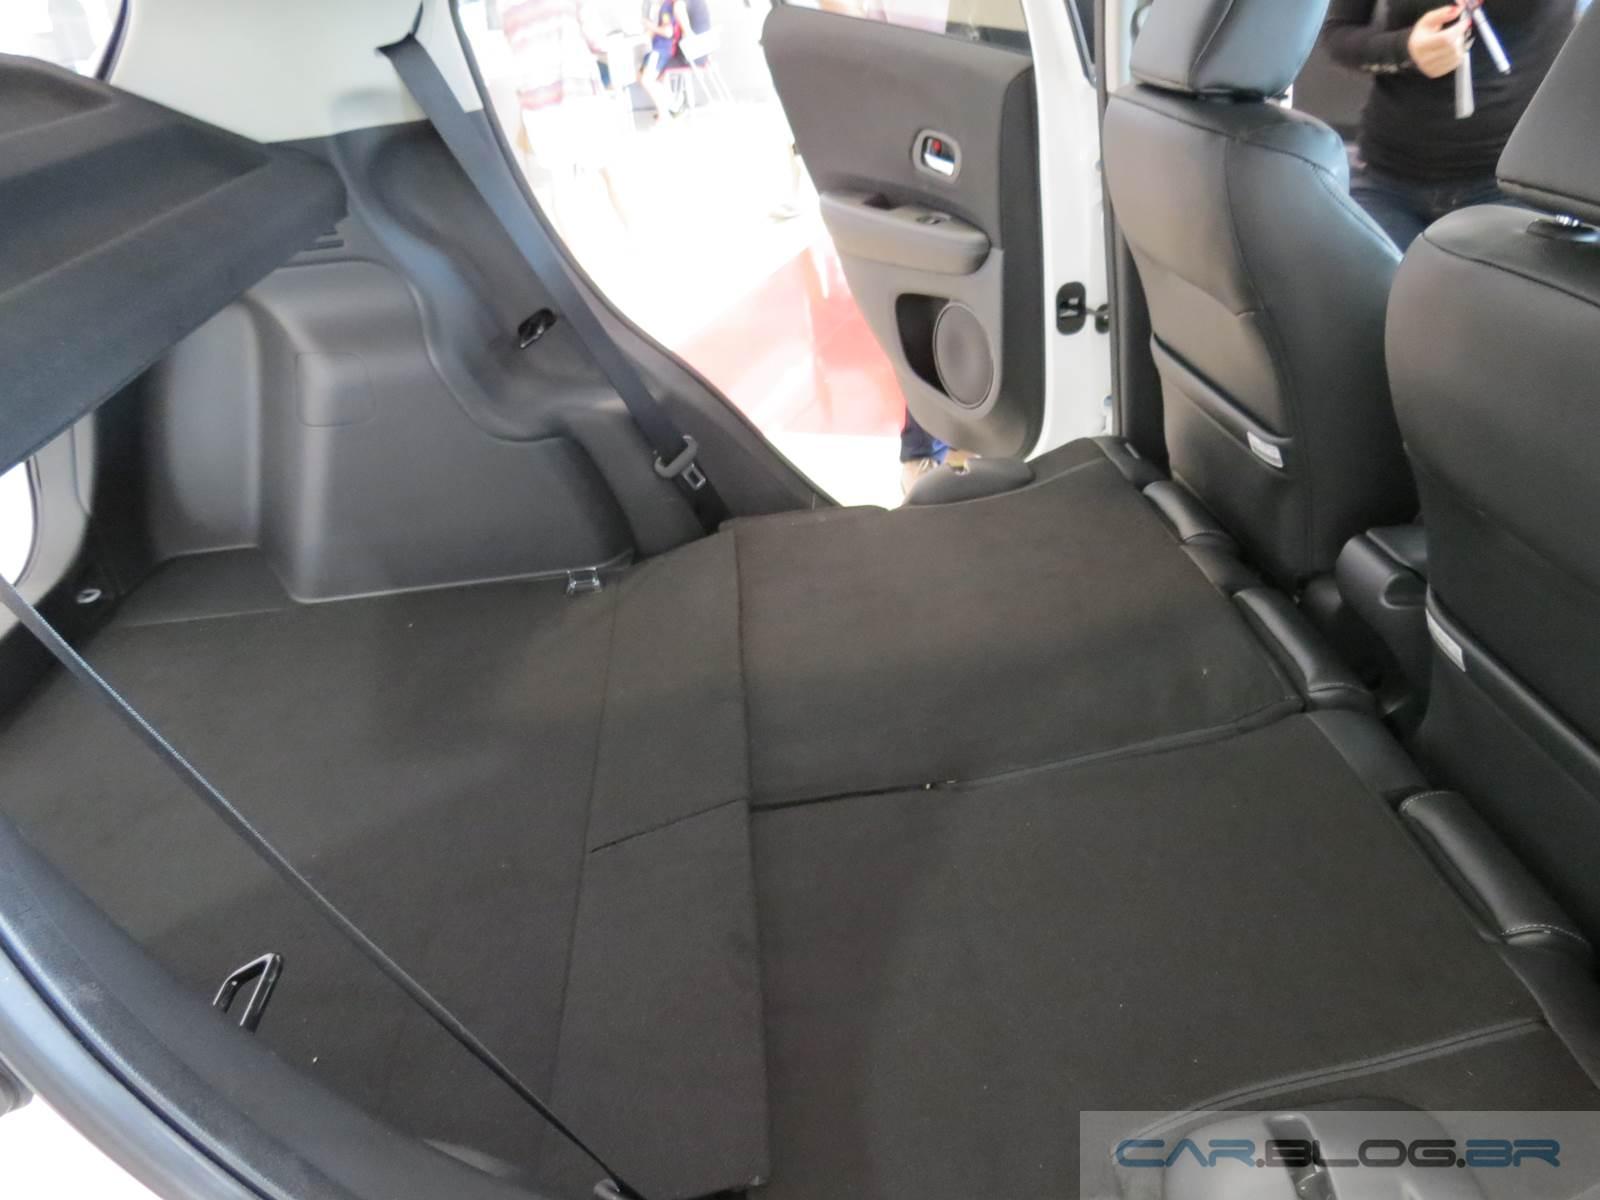 Honda HR-V EX-L porta-malas - interior